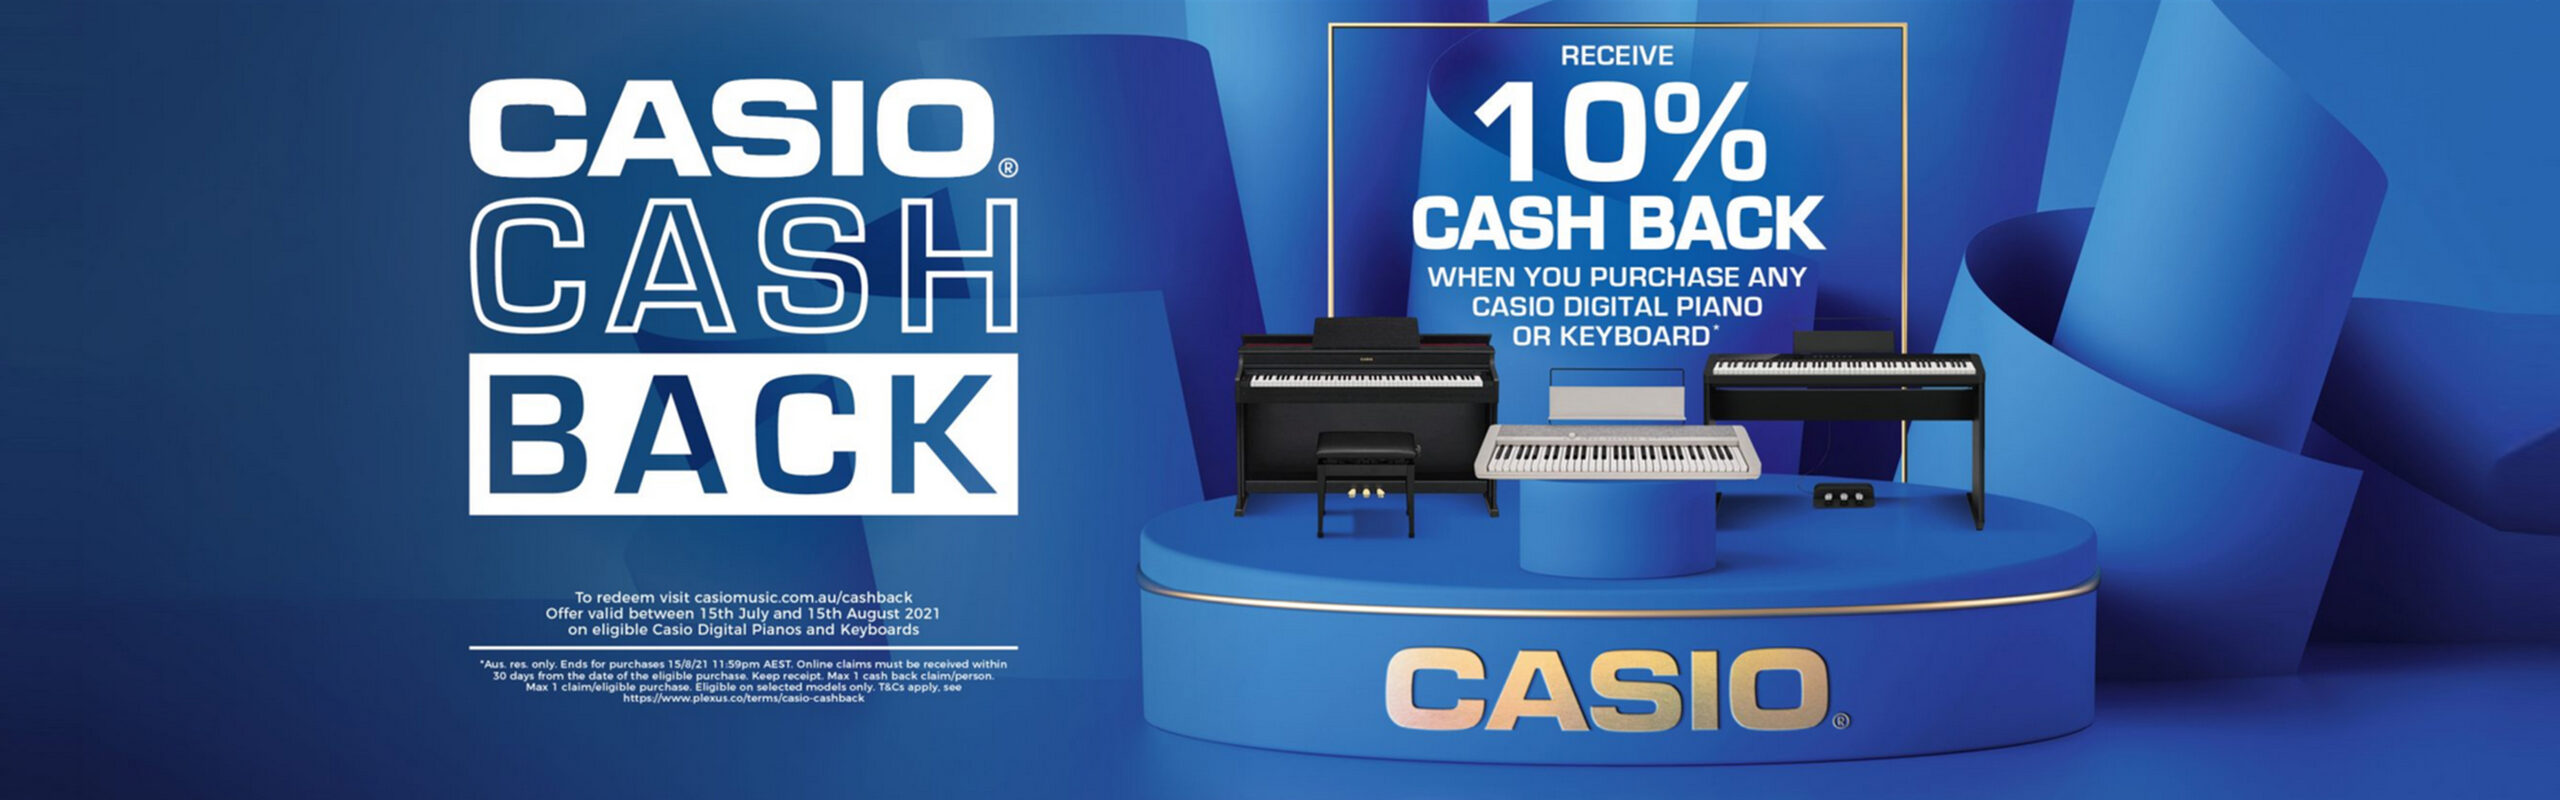 Casio Cashback July 2021 Banner